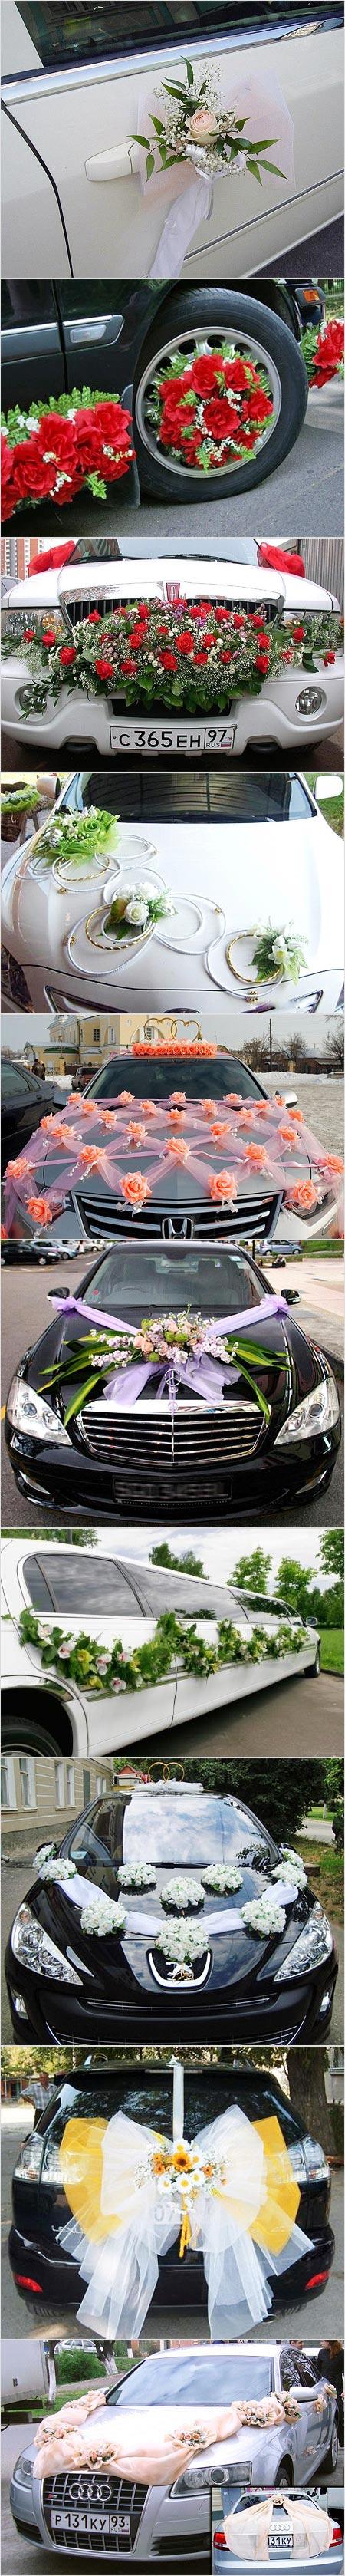 Как украсить свадебную машину своими руками : фото, видео оформления 71